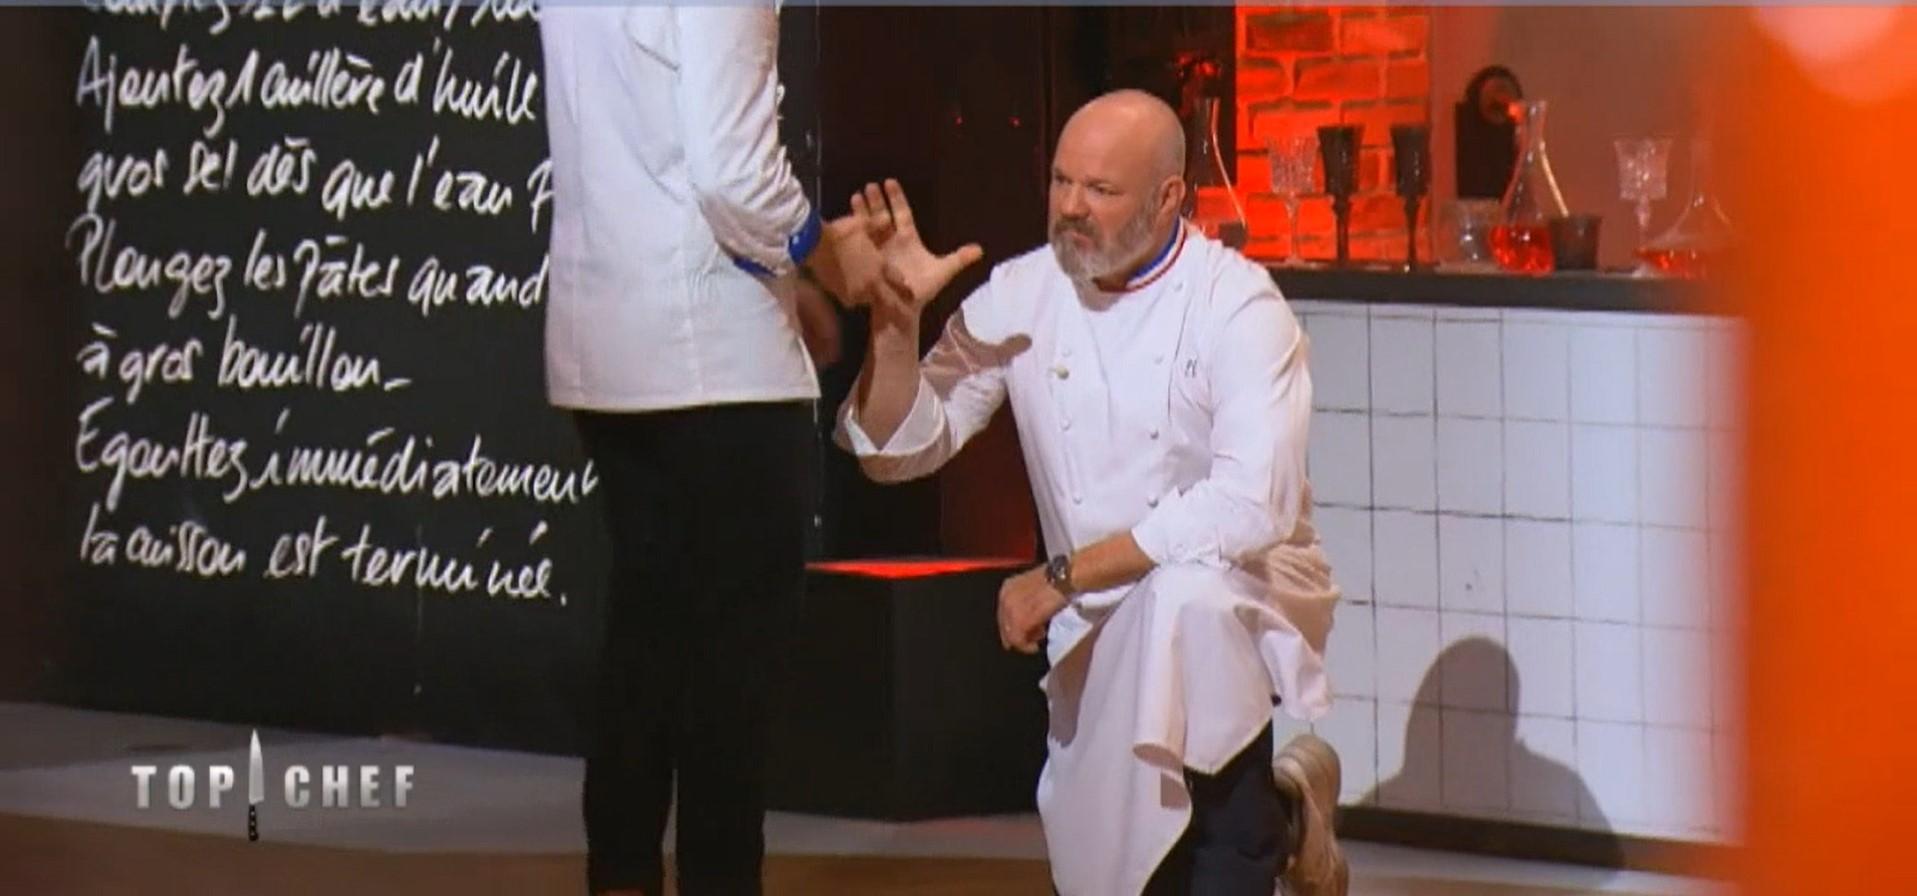 «Top Chef» saison 12, épisode 12 : et Philippe Etchebest se prosterna devant Matthias